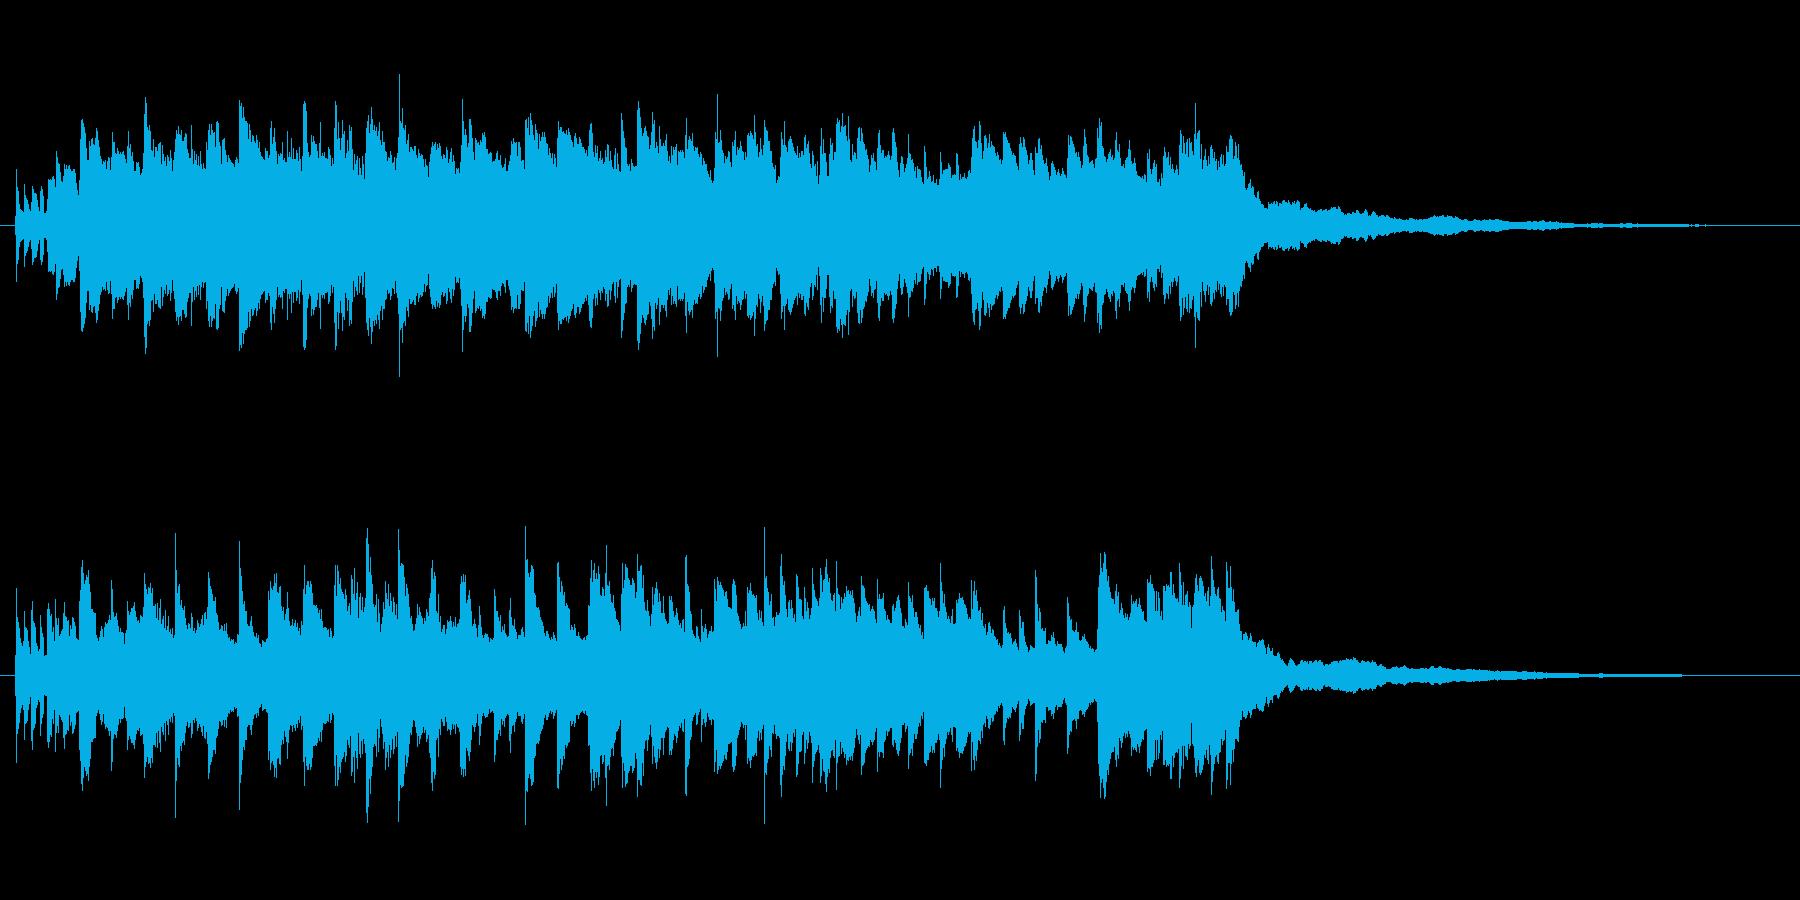 ピアノBGM50秒-幸せ、ぬくもり、感動の再生済みの波形